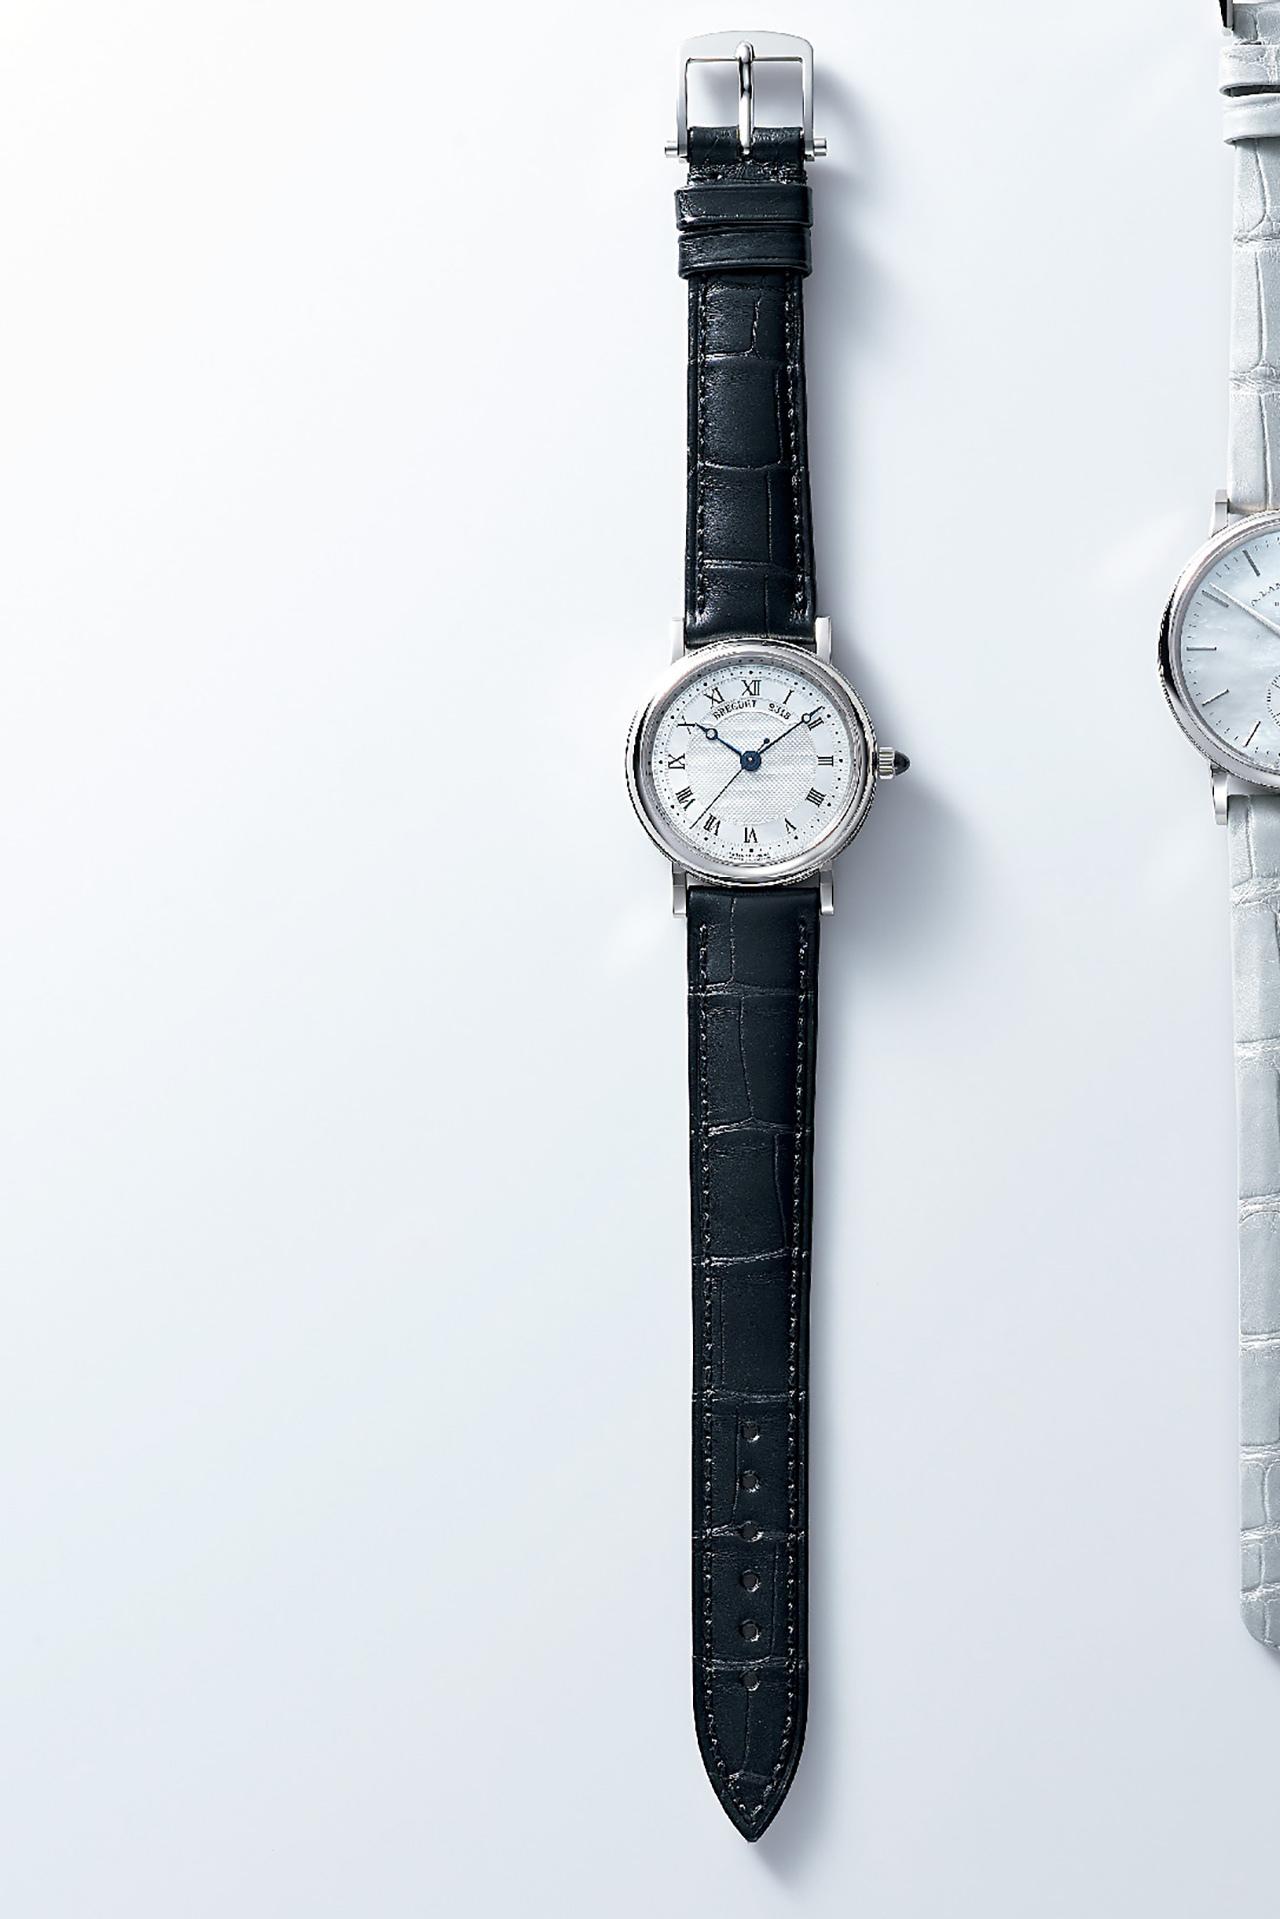 ビジネス服には本格派時計と女らしい時計を効かせて 五選_1_1-5